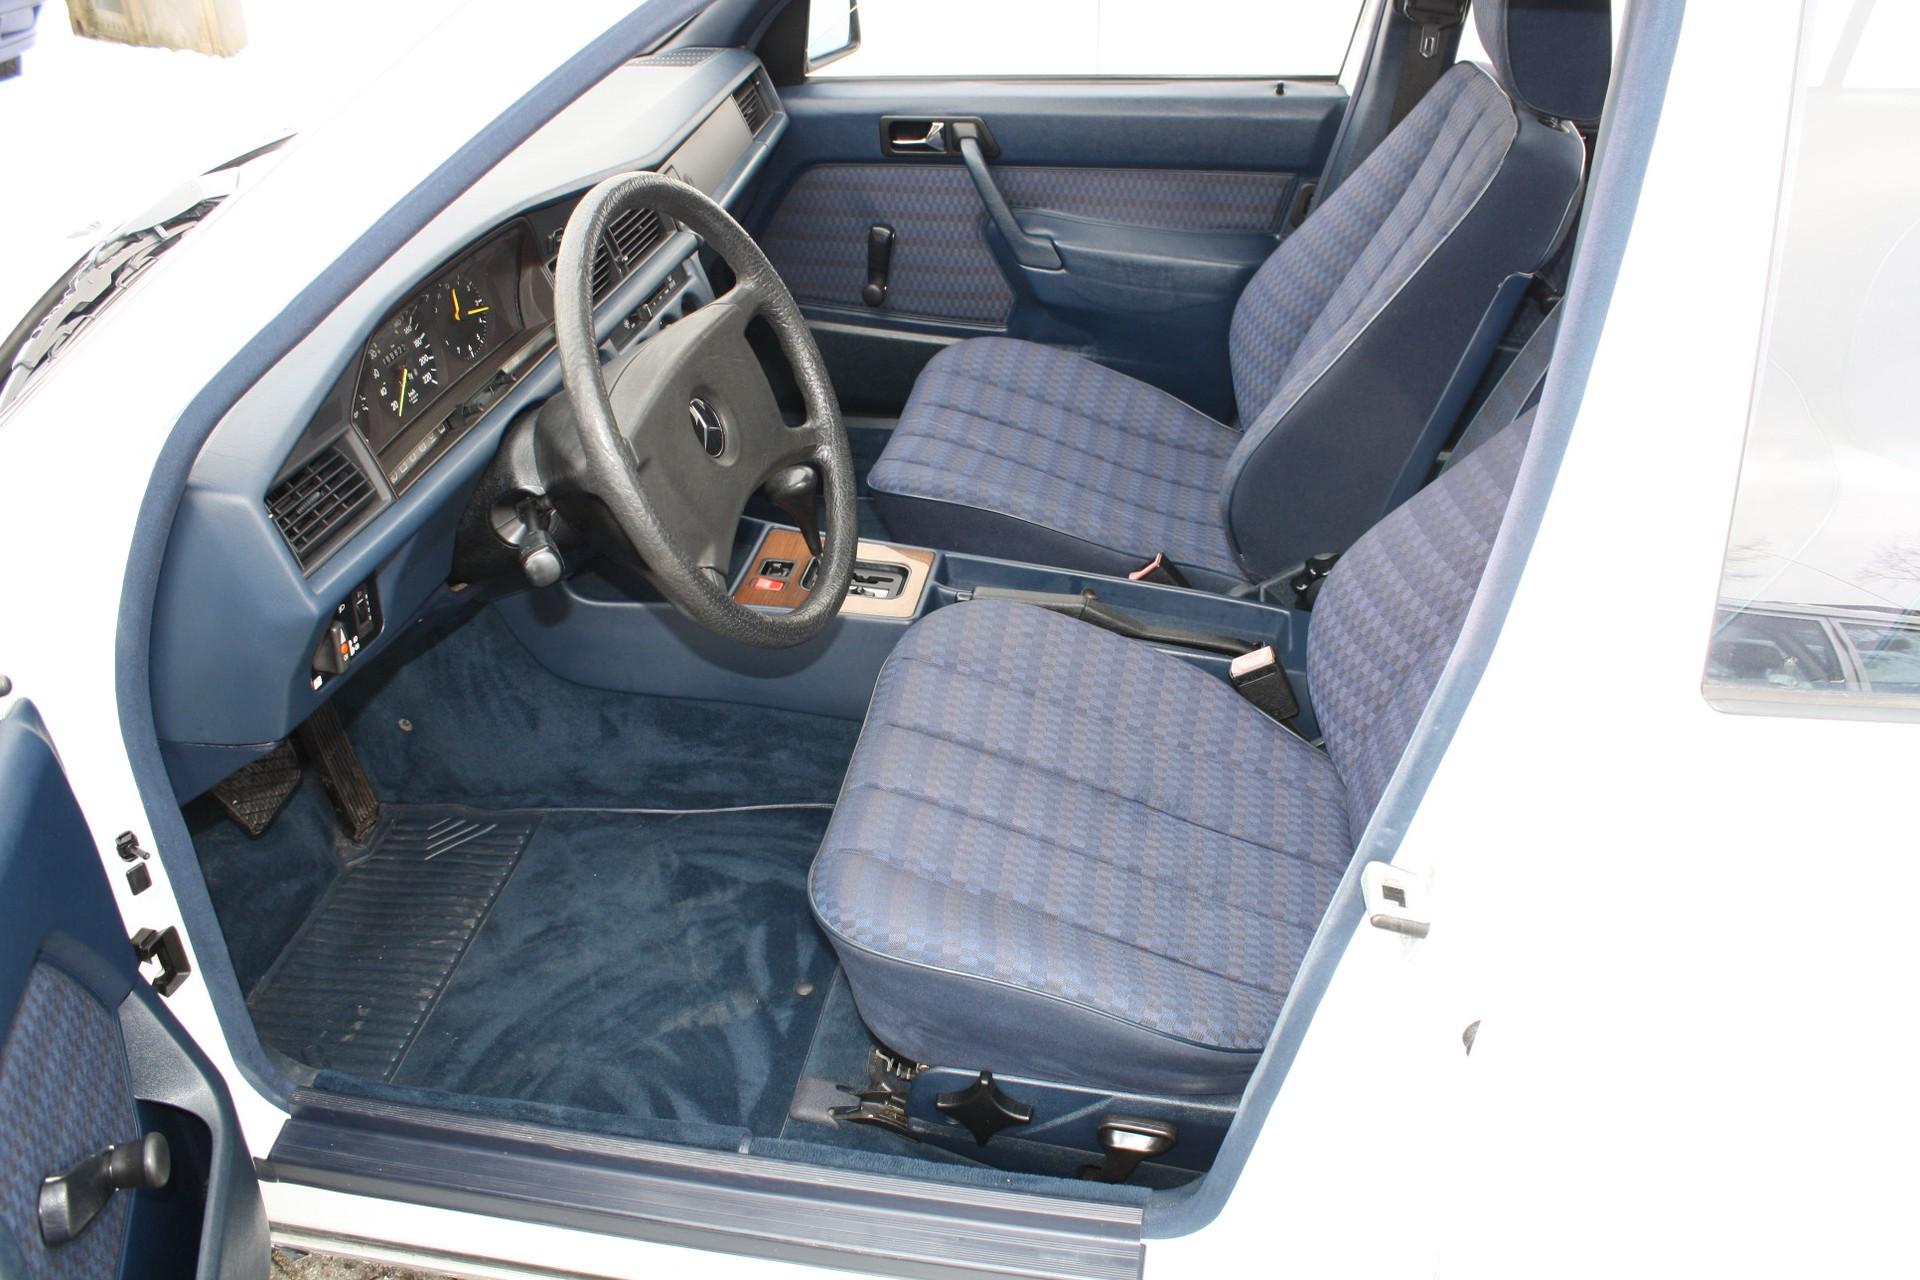 Mercedes-Benz 190 2.0 E automaat Foto 3